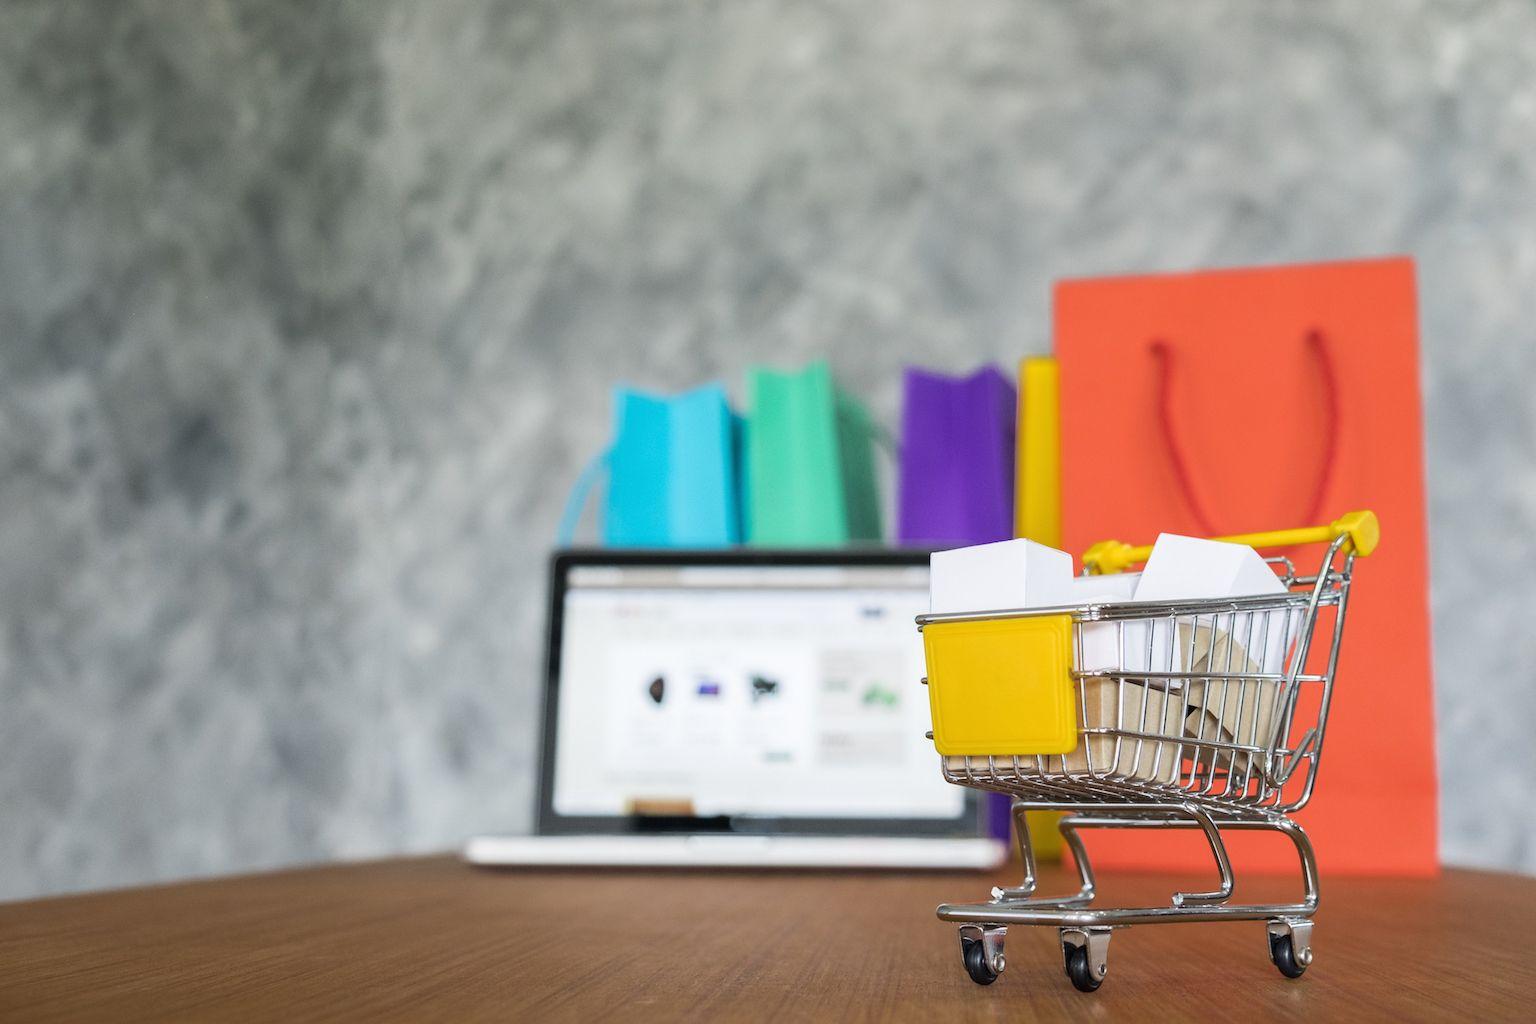 ما هي التجارة الالكترونية